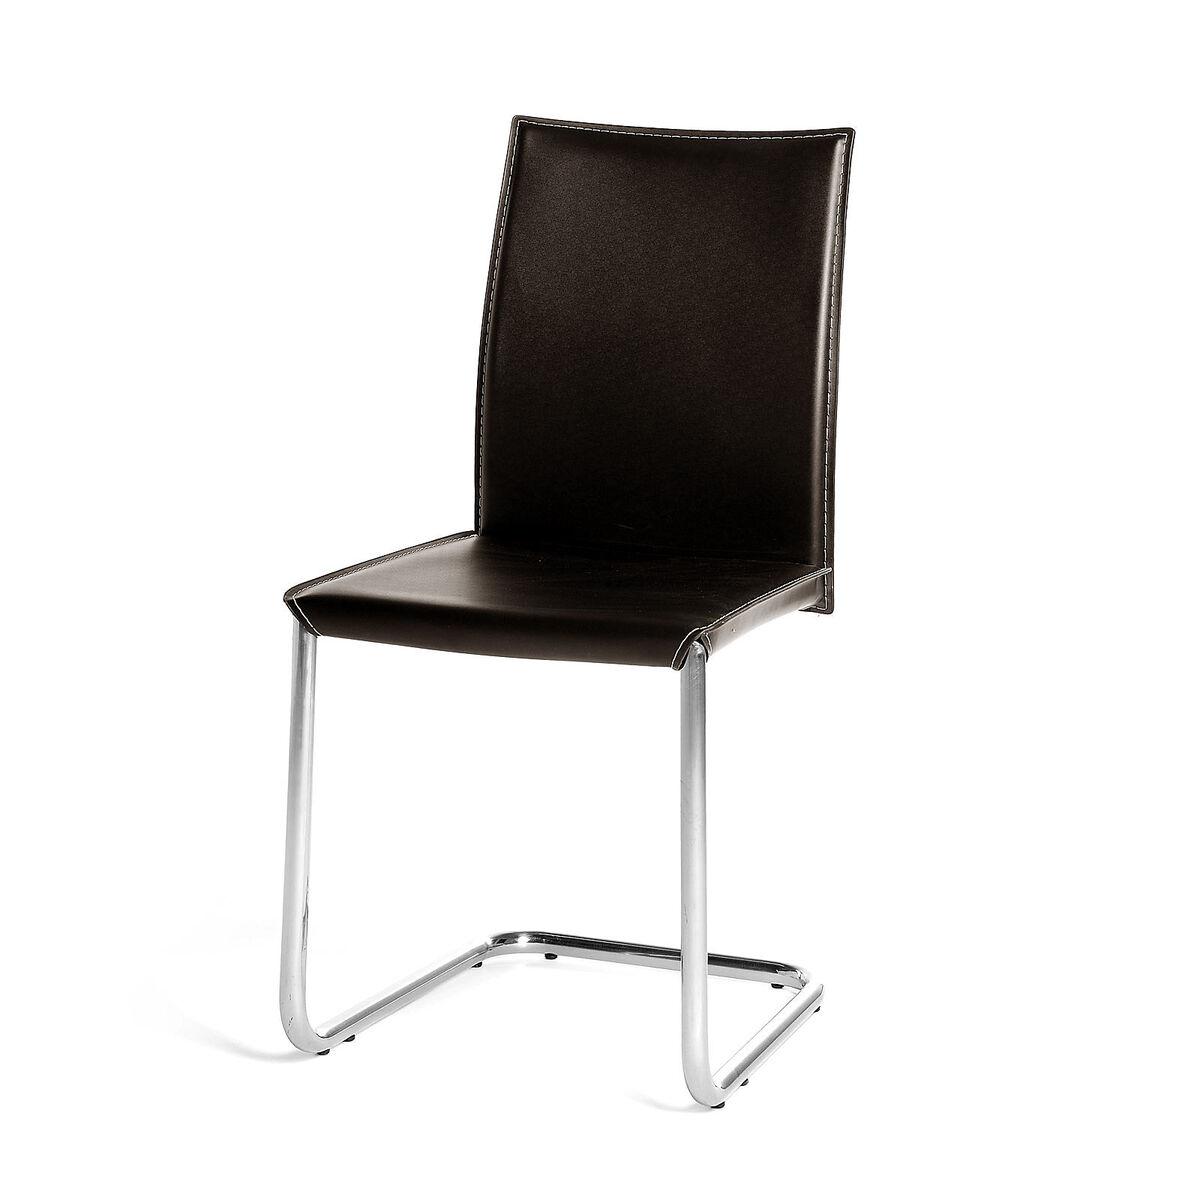 stuhl freischwinger lederoptik braun depot de. Black Bedroom Furniture Sets. Home Design Ideas